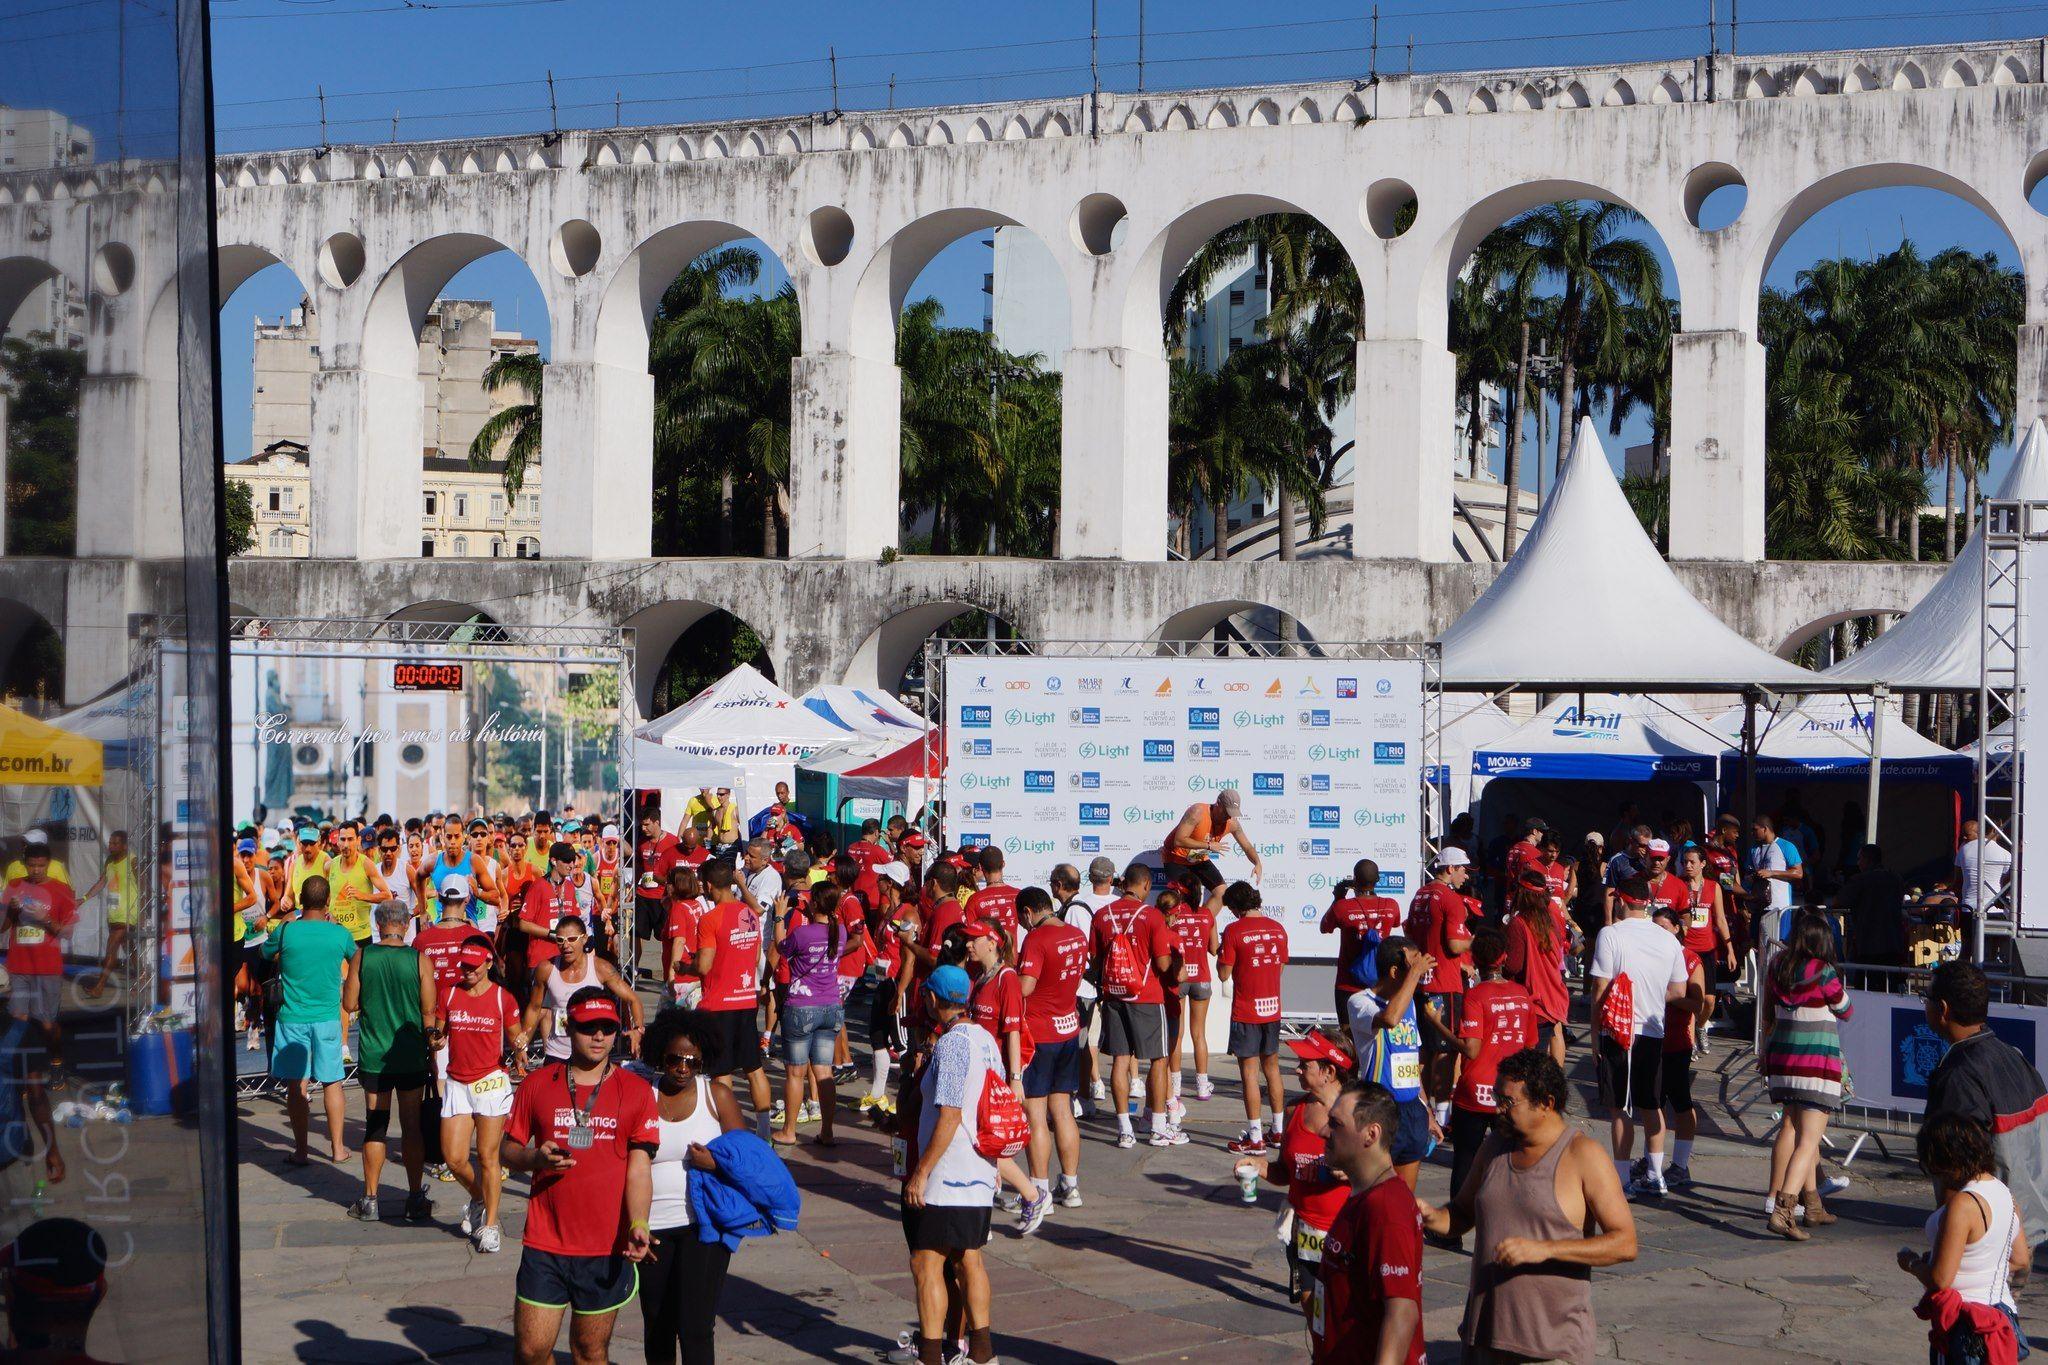 Circuito Rio Antigo : Corrida #fitness #in etapa lapa do circuito rio antigo pinterest